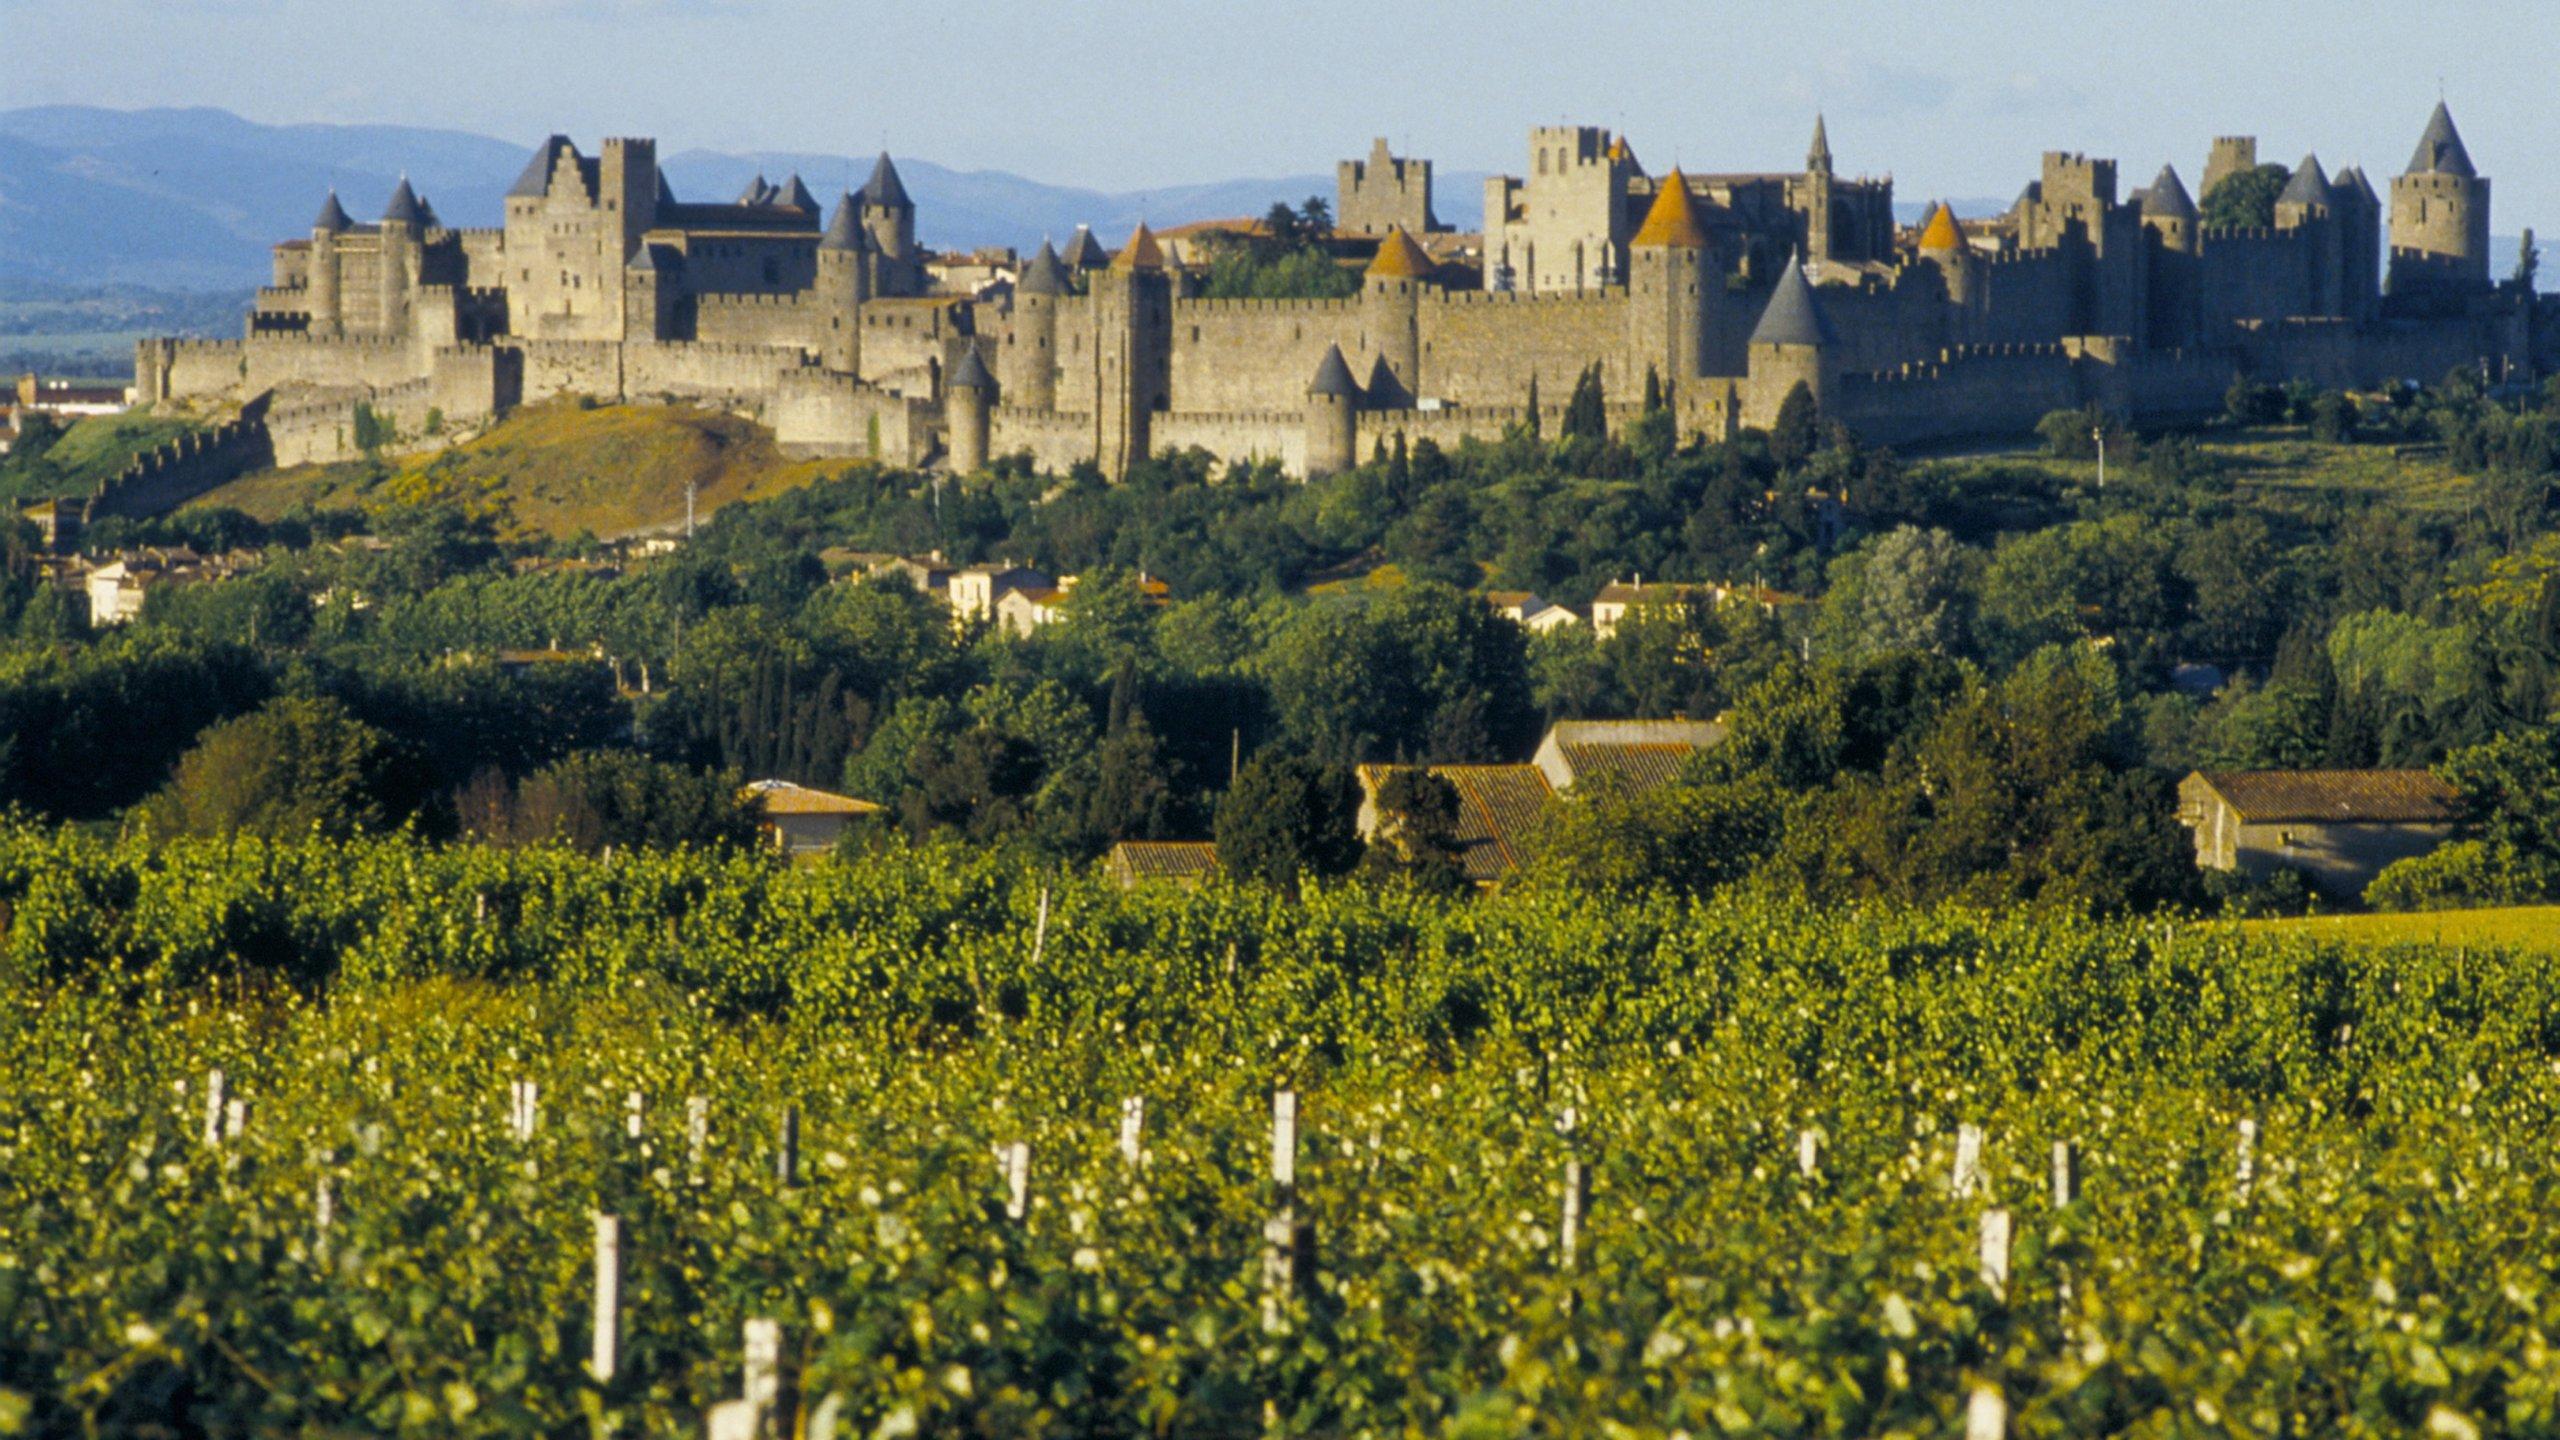 Bastide Saint-Louis, Carcassonne, Aude, France